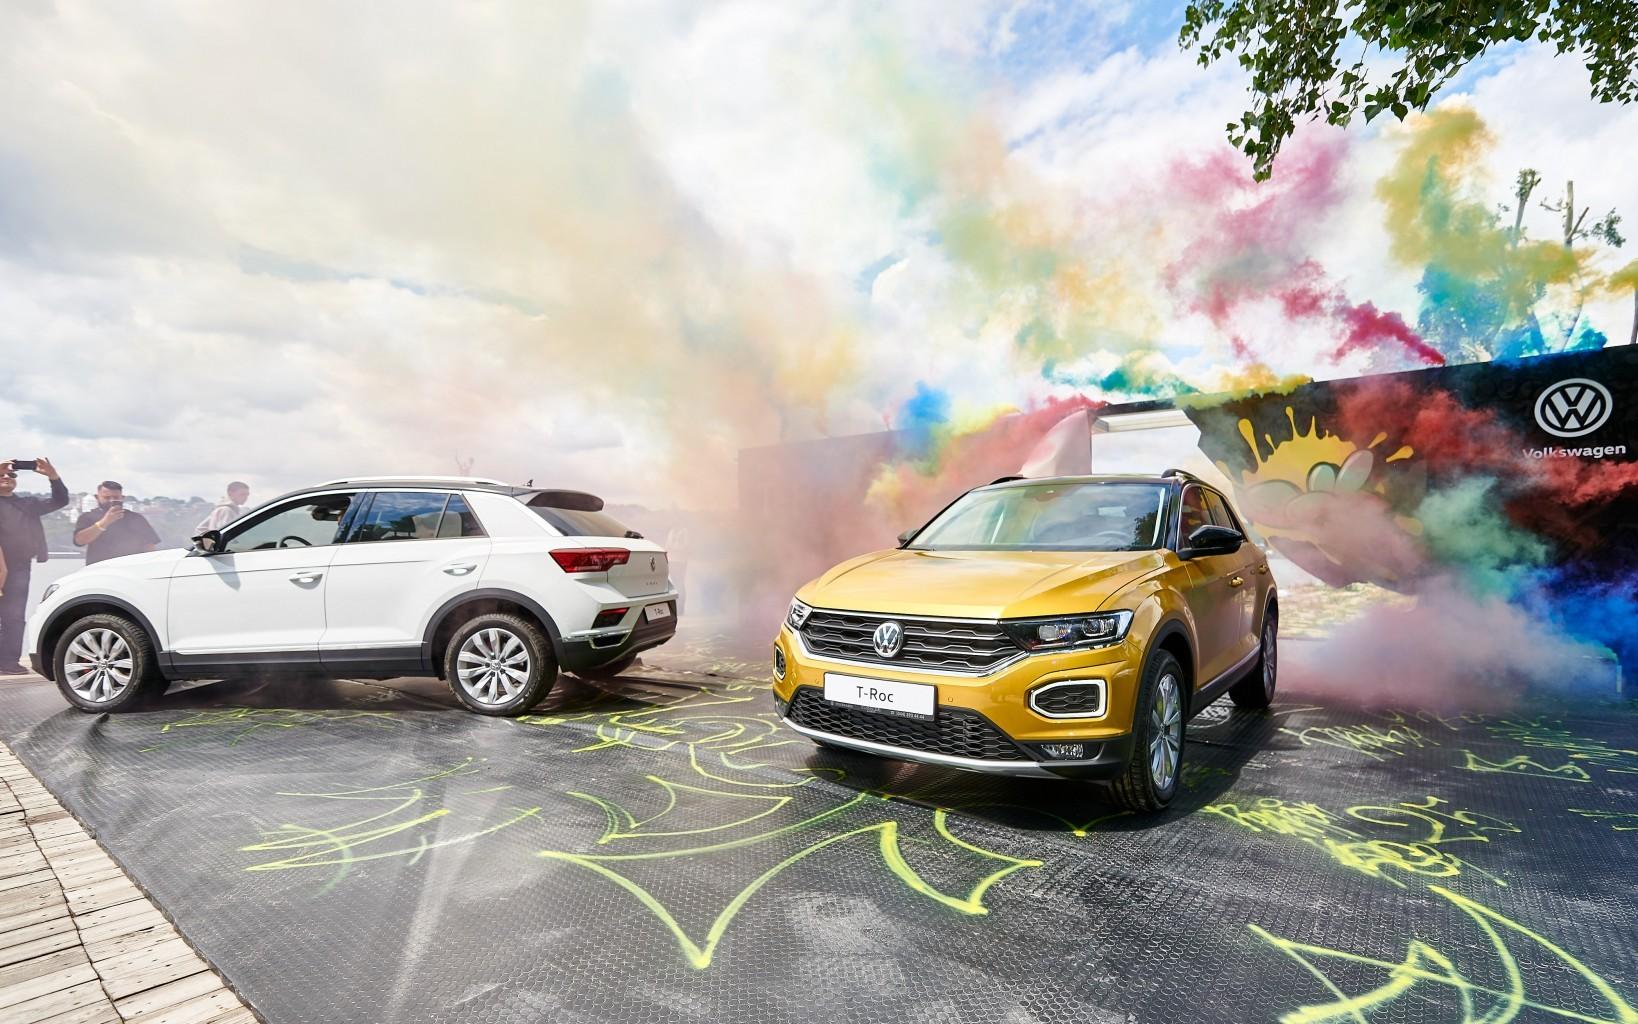 Відбулася офіційна національна презентація кросовера Volkswagen T-Roс